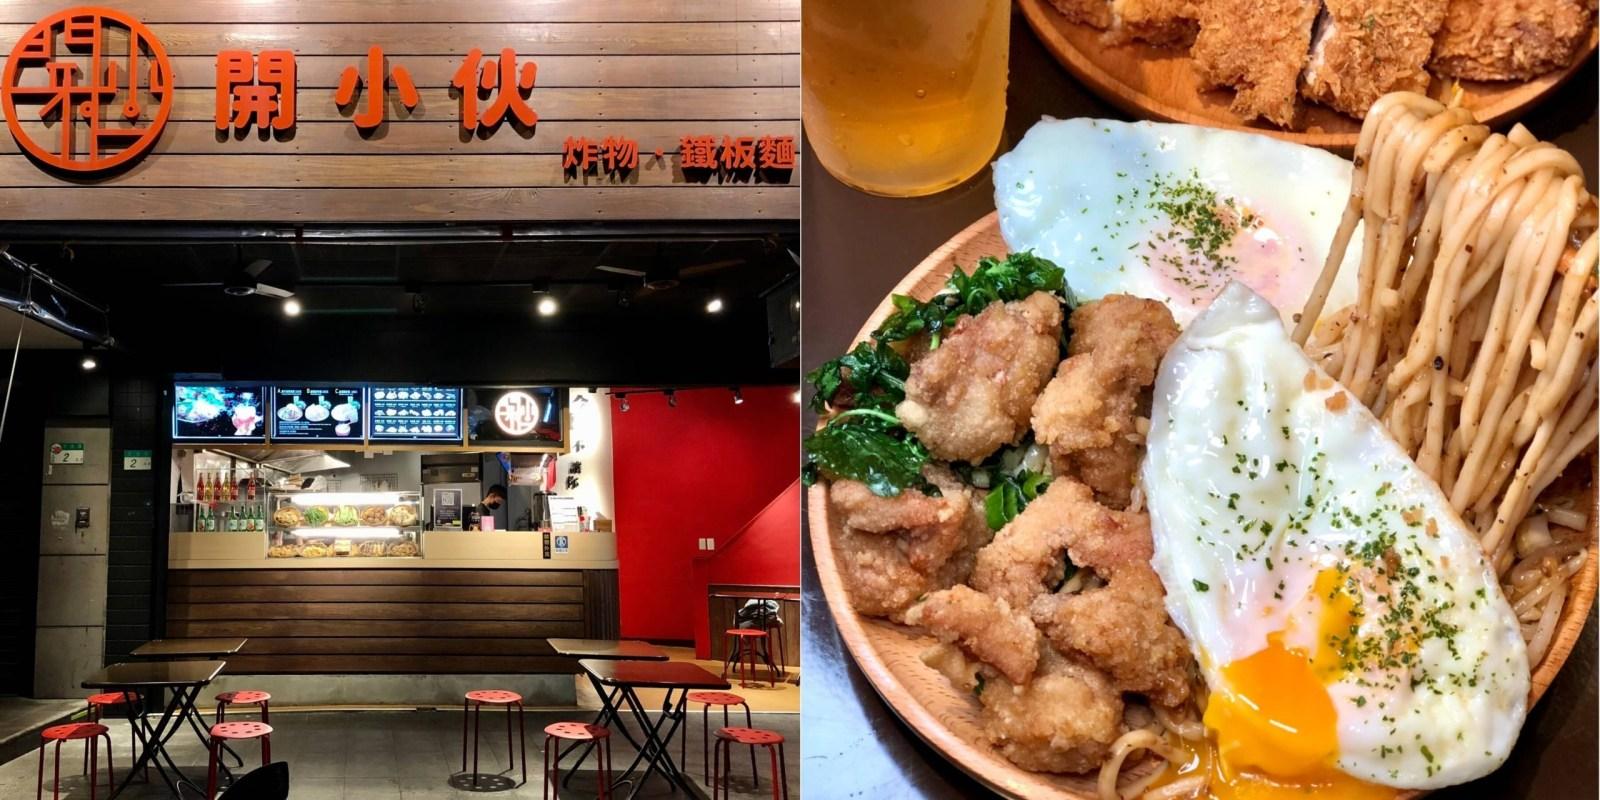 【台北美食】開小伙|鹹酥雞結合鐵板麵蹦出新滋味,台北宵夜選擇在這裡!